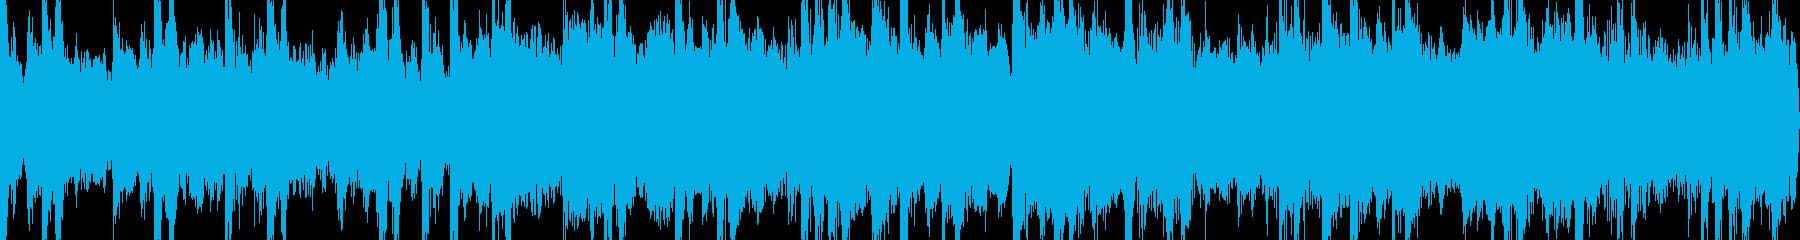 寒い時期にぴったりな哀れ感じる電子音楽の再生済みの波形